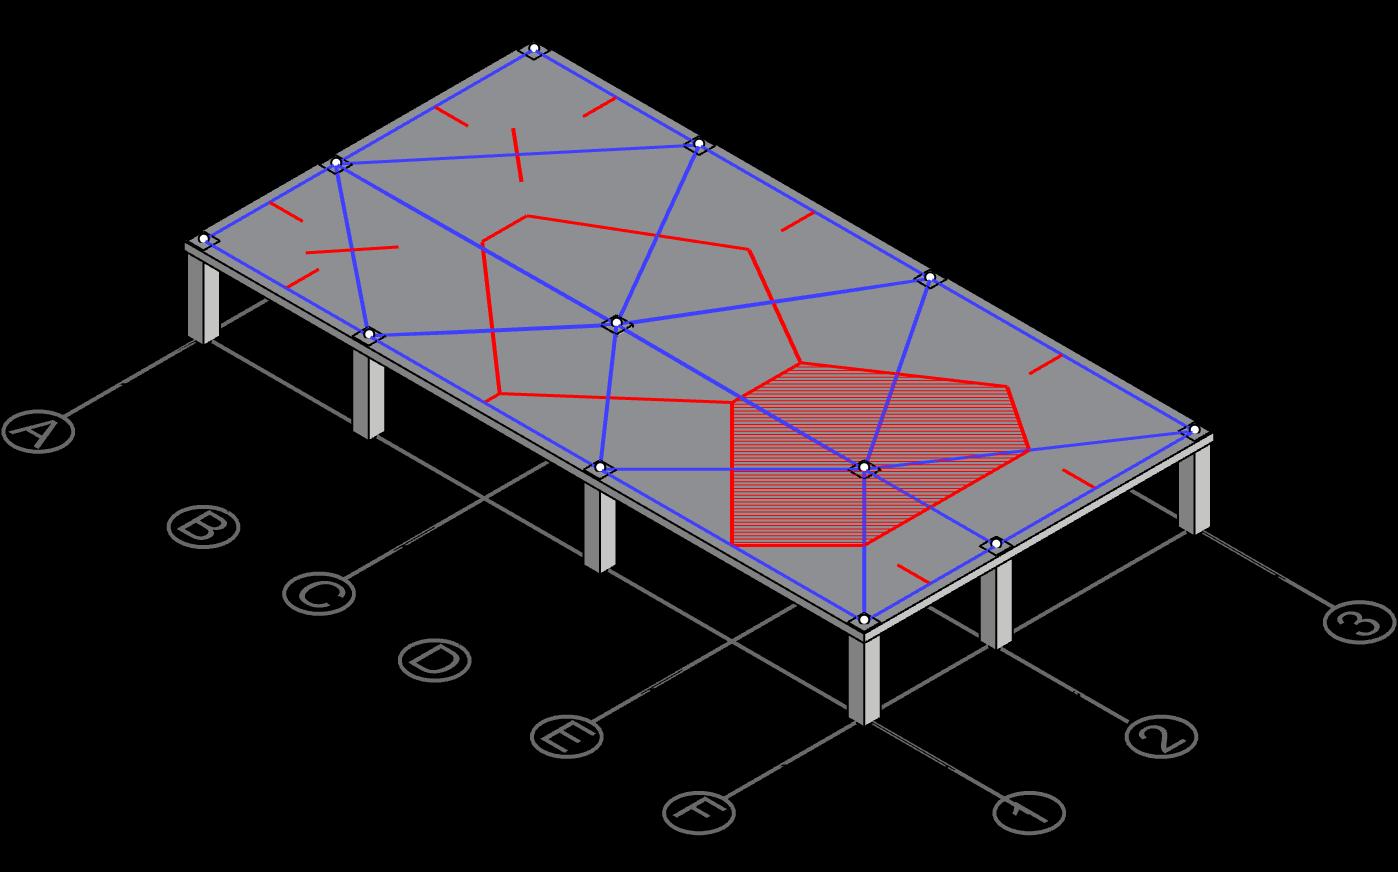 Derive centerline polygon for column E-2